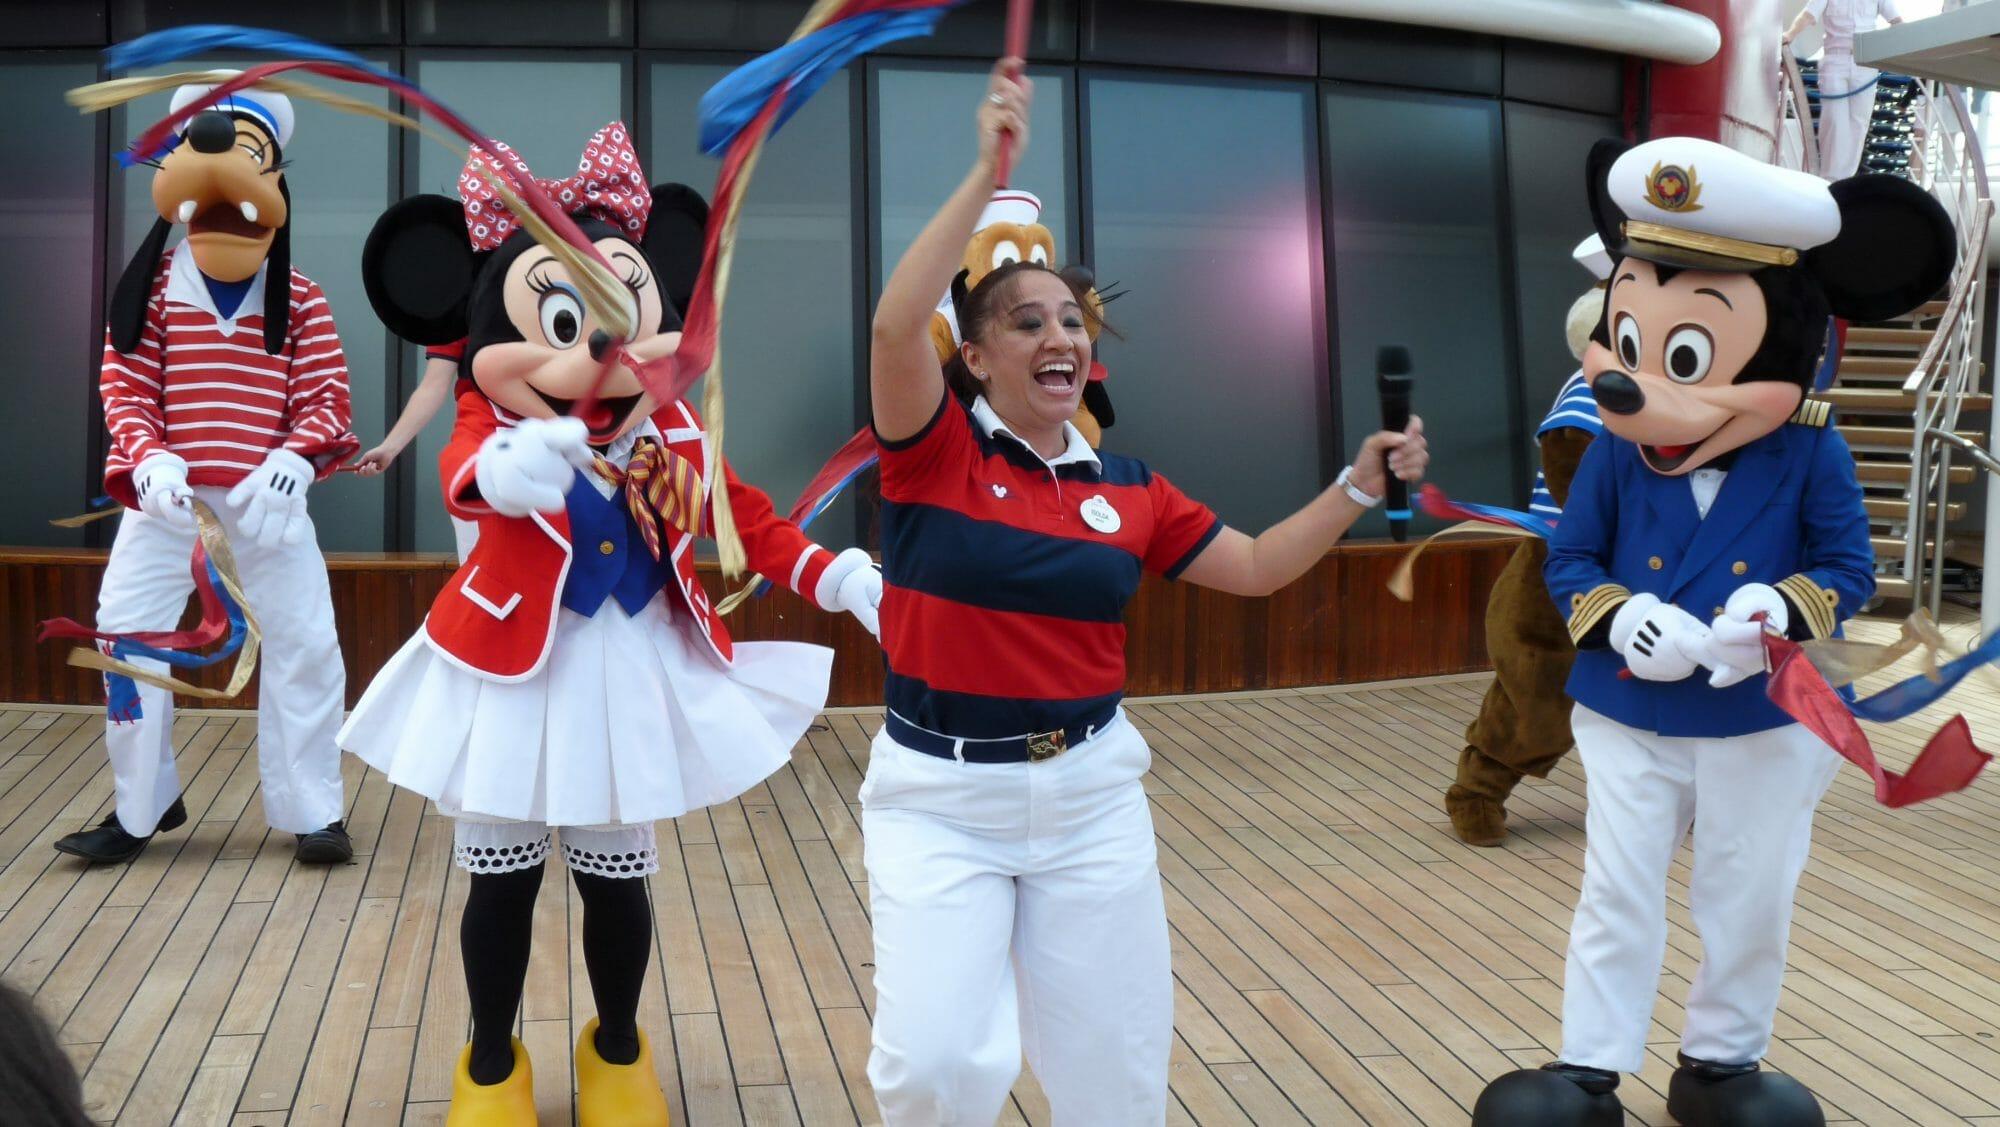 Personajes Disney bailando en cubierta crucero Disney